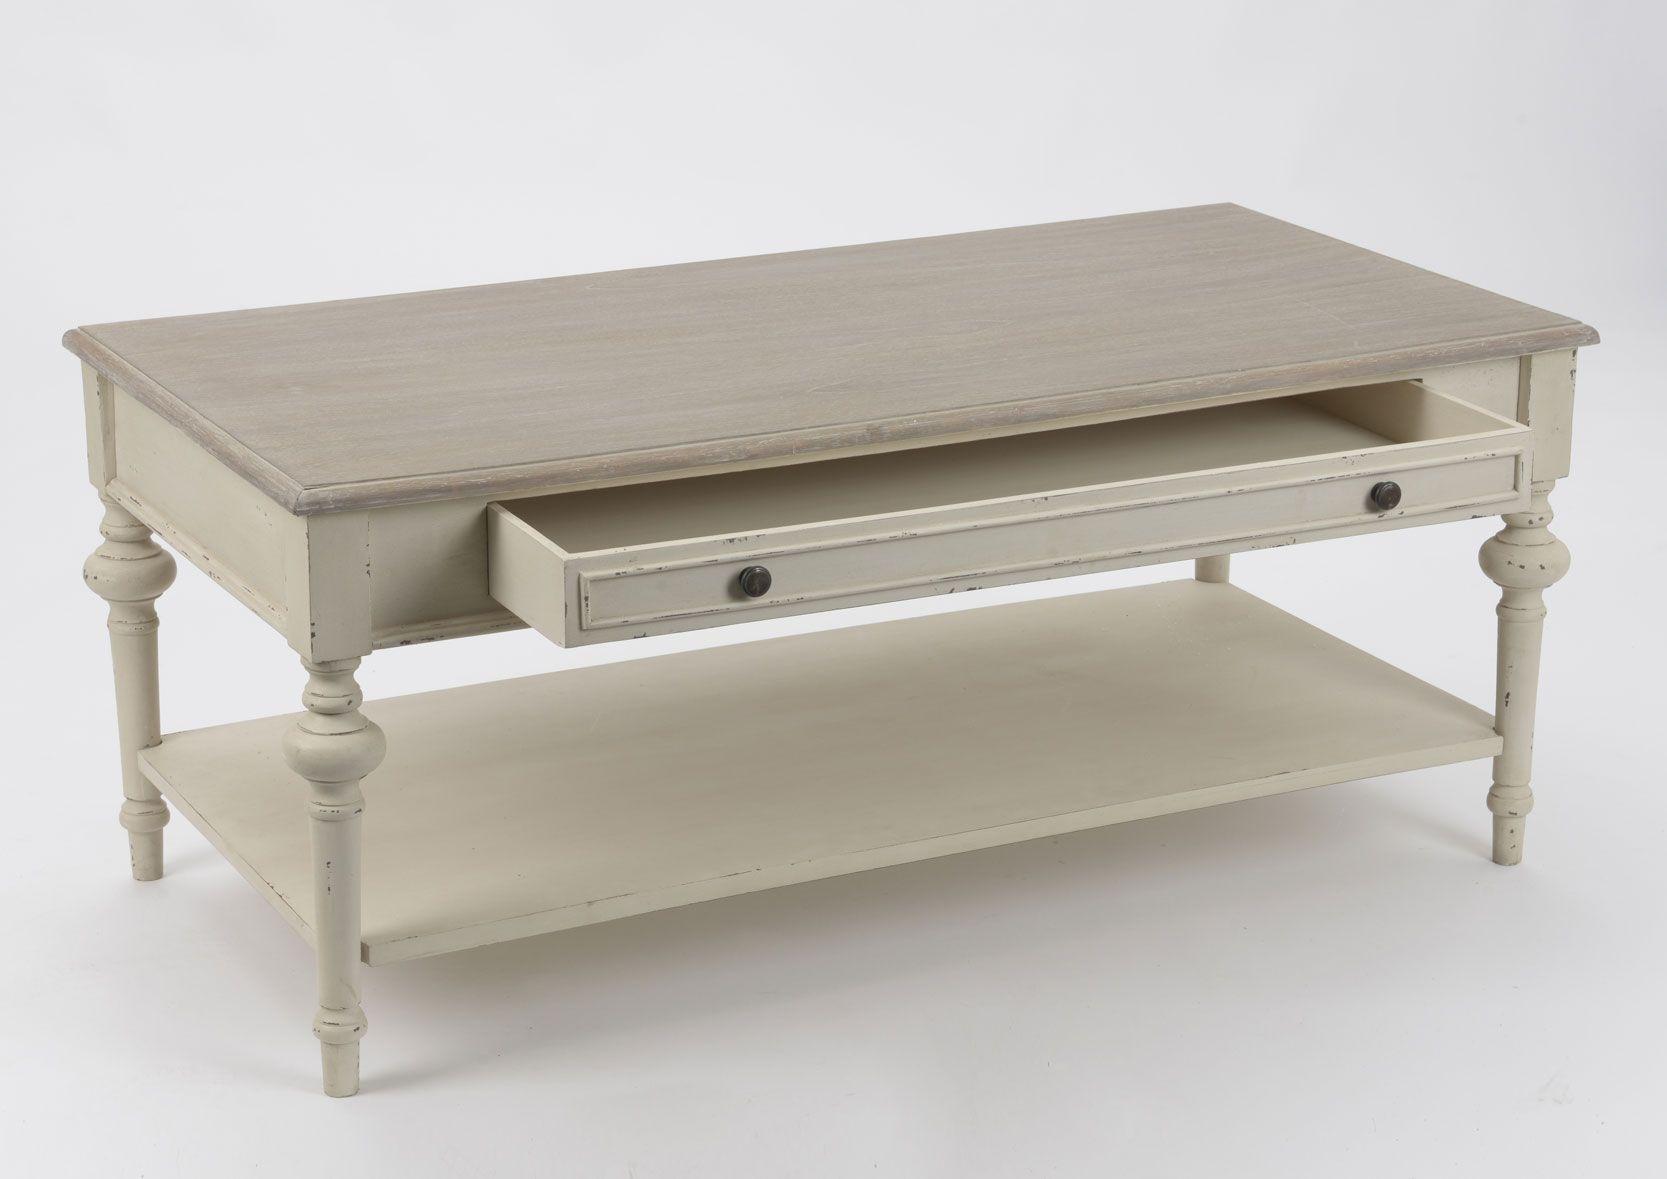 Table basse avec tiroir legend for Table basse tiroir